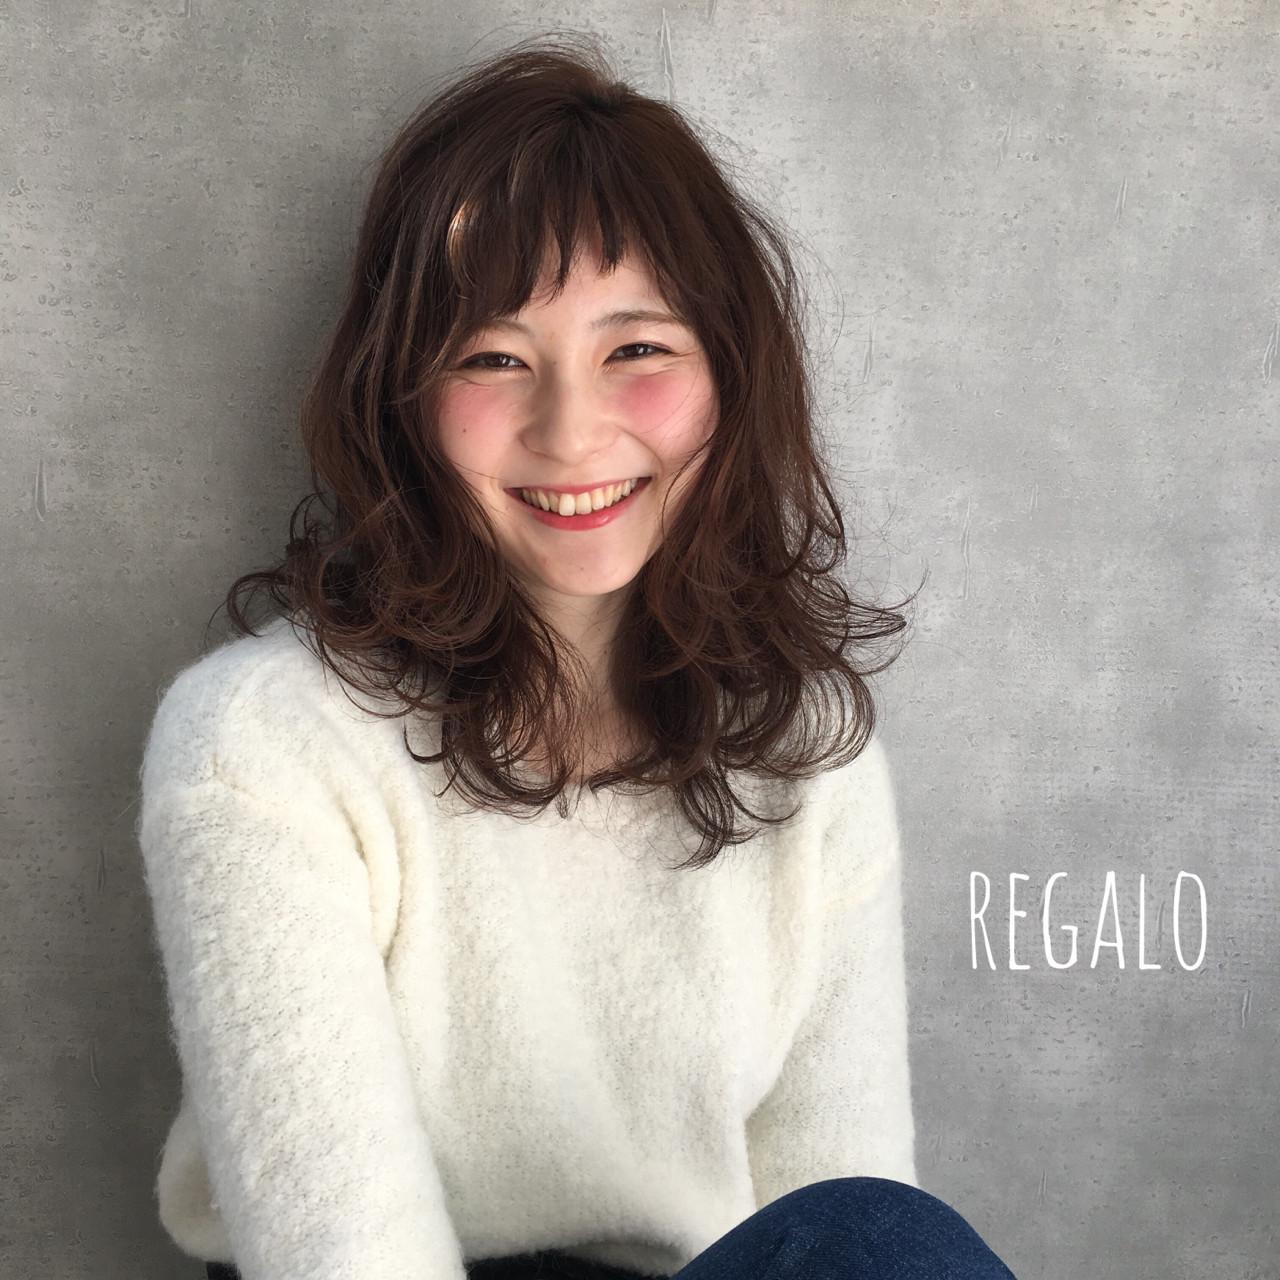 オン眉で印象チェンジ♡丸顔さんも似合うおすすめヘアスタイル紹介の26枚目の画像